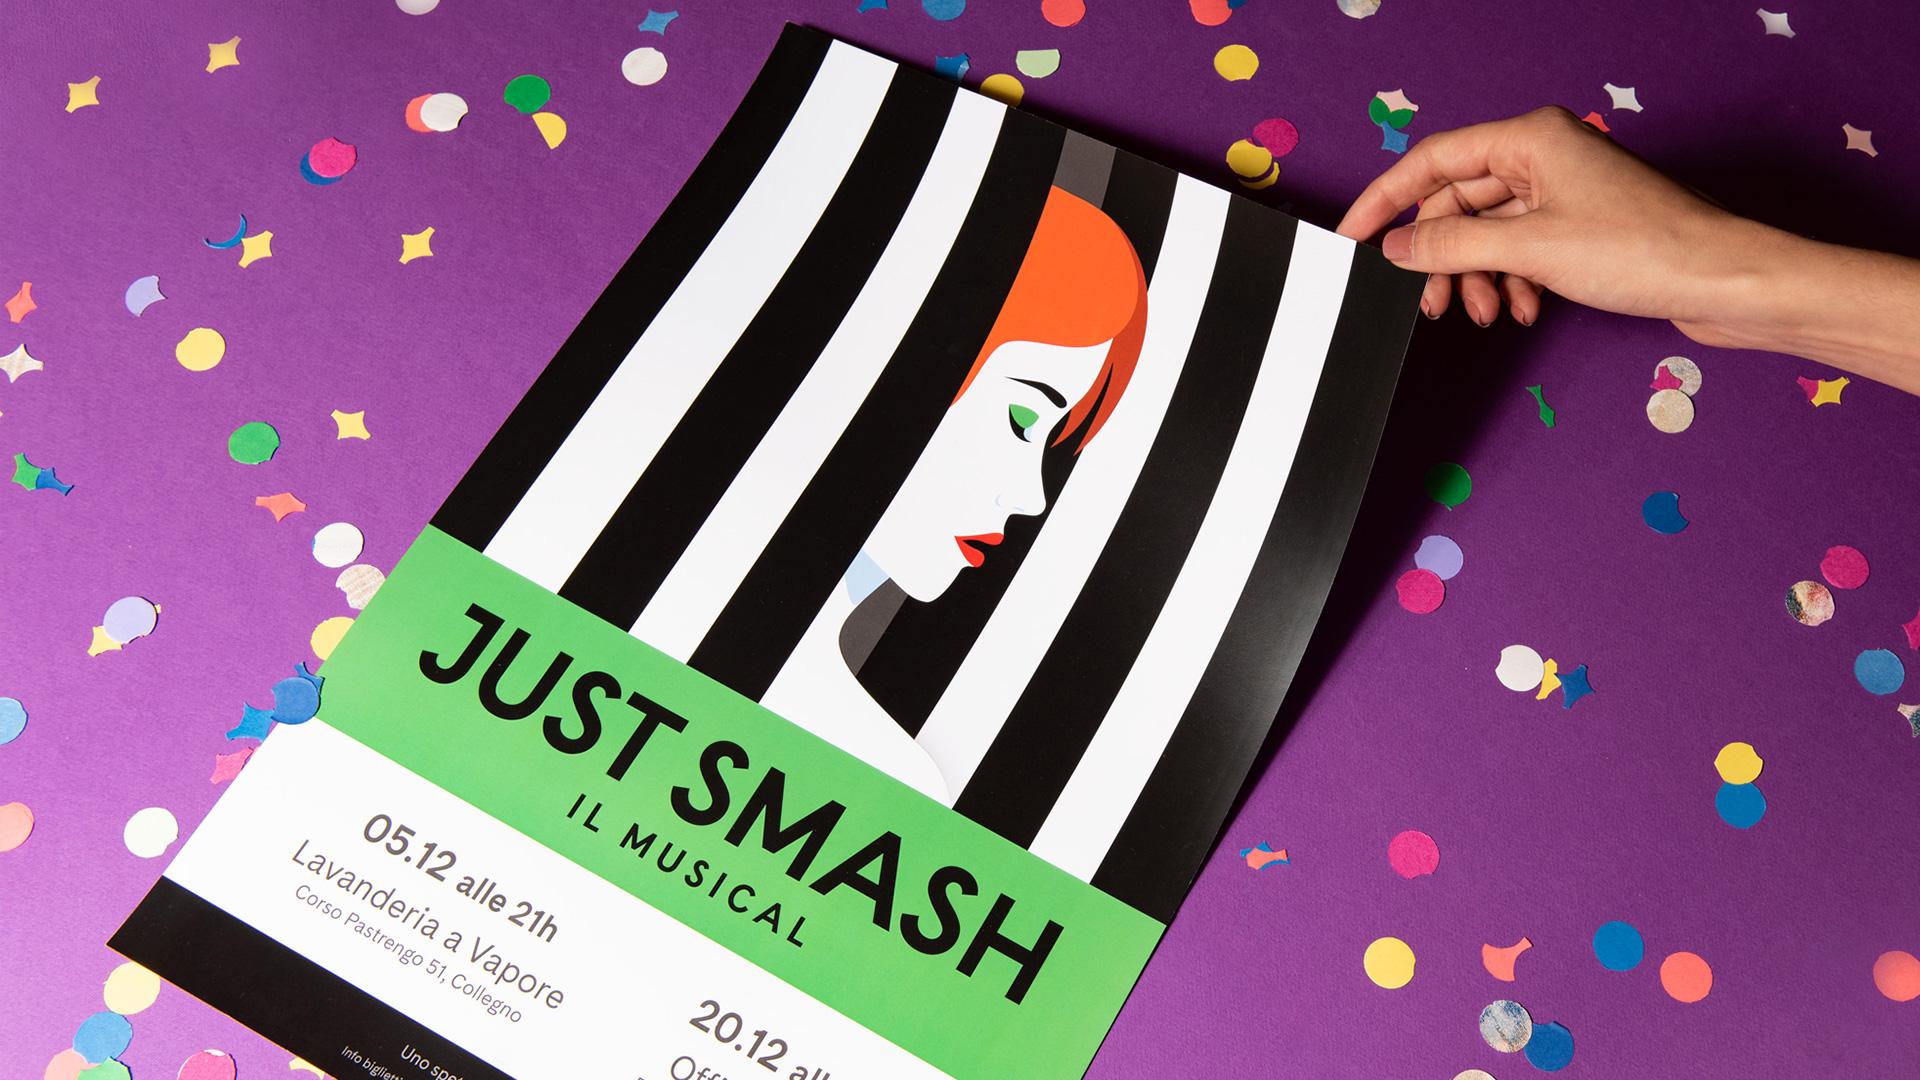 Just Smash